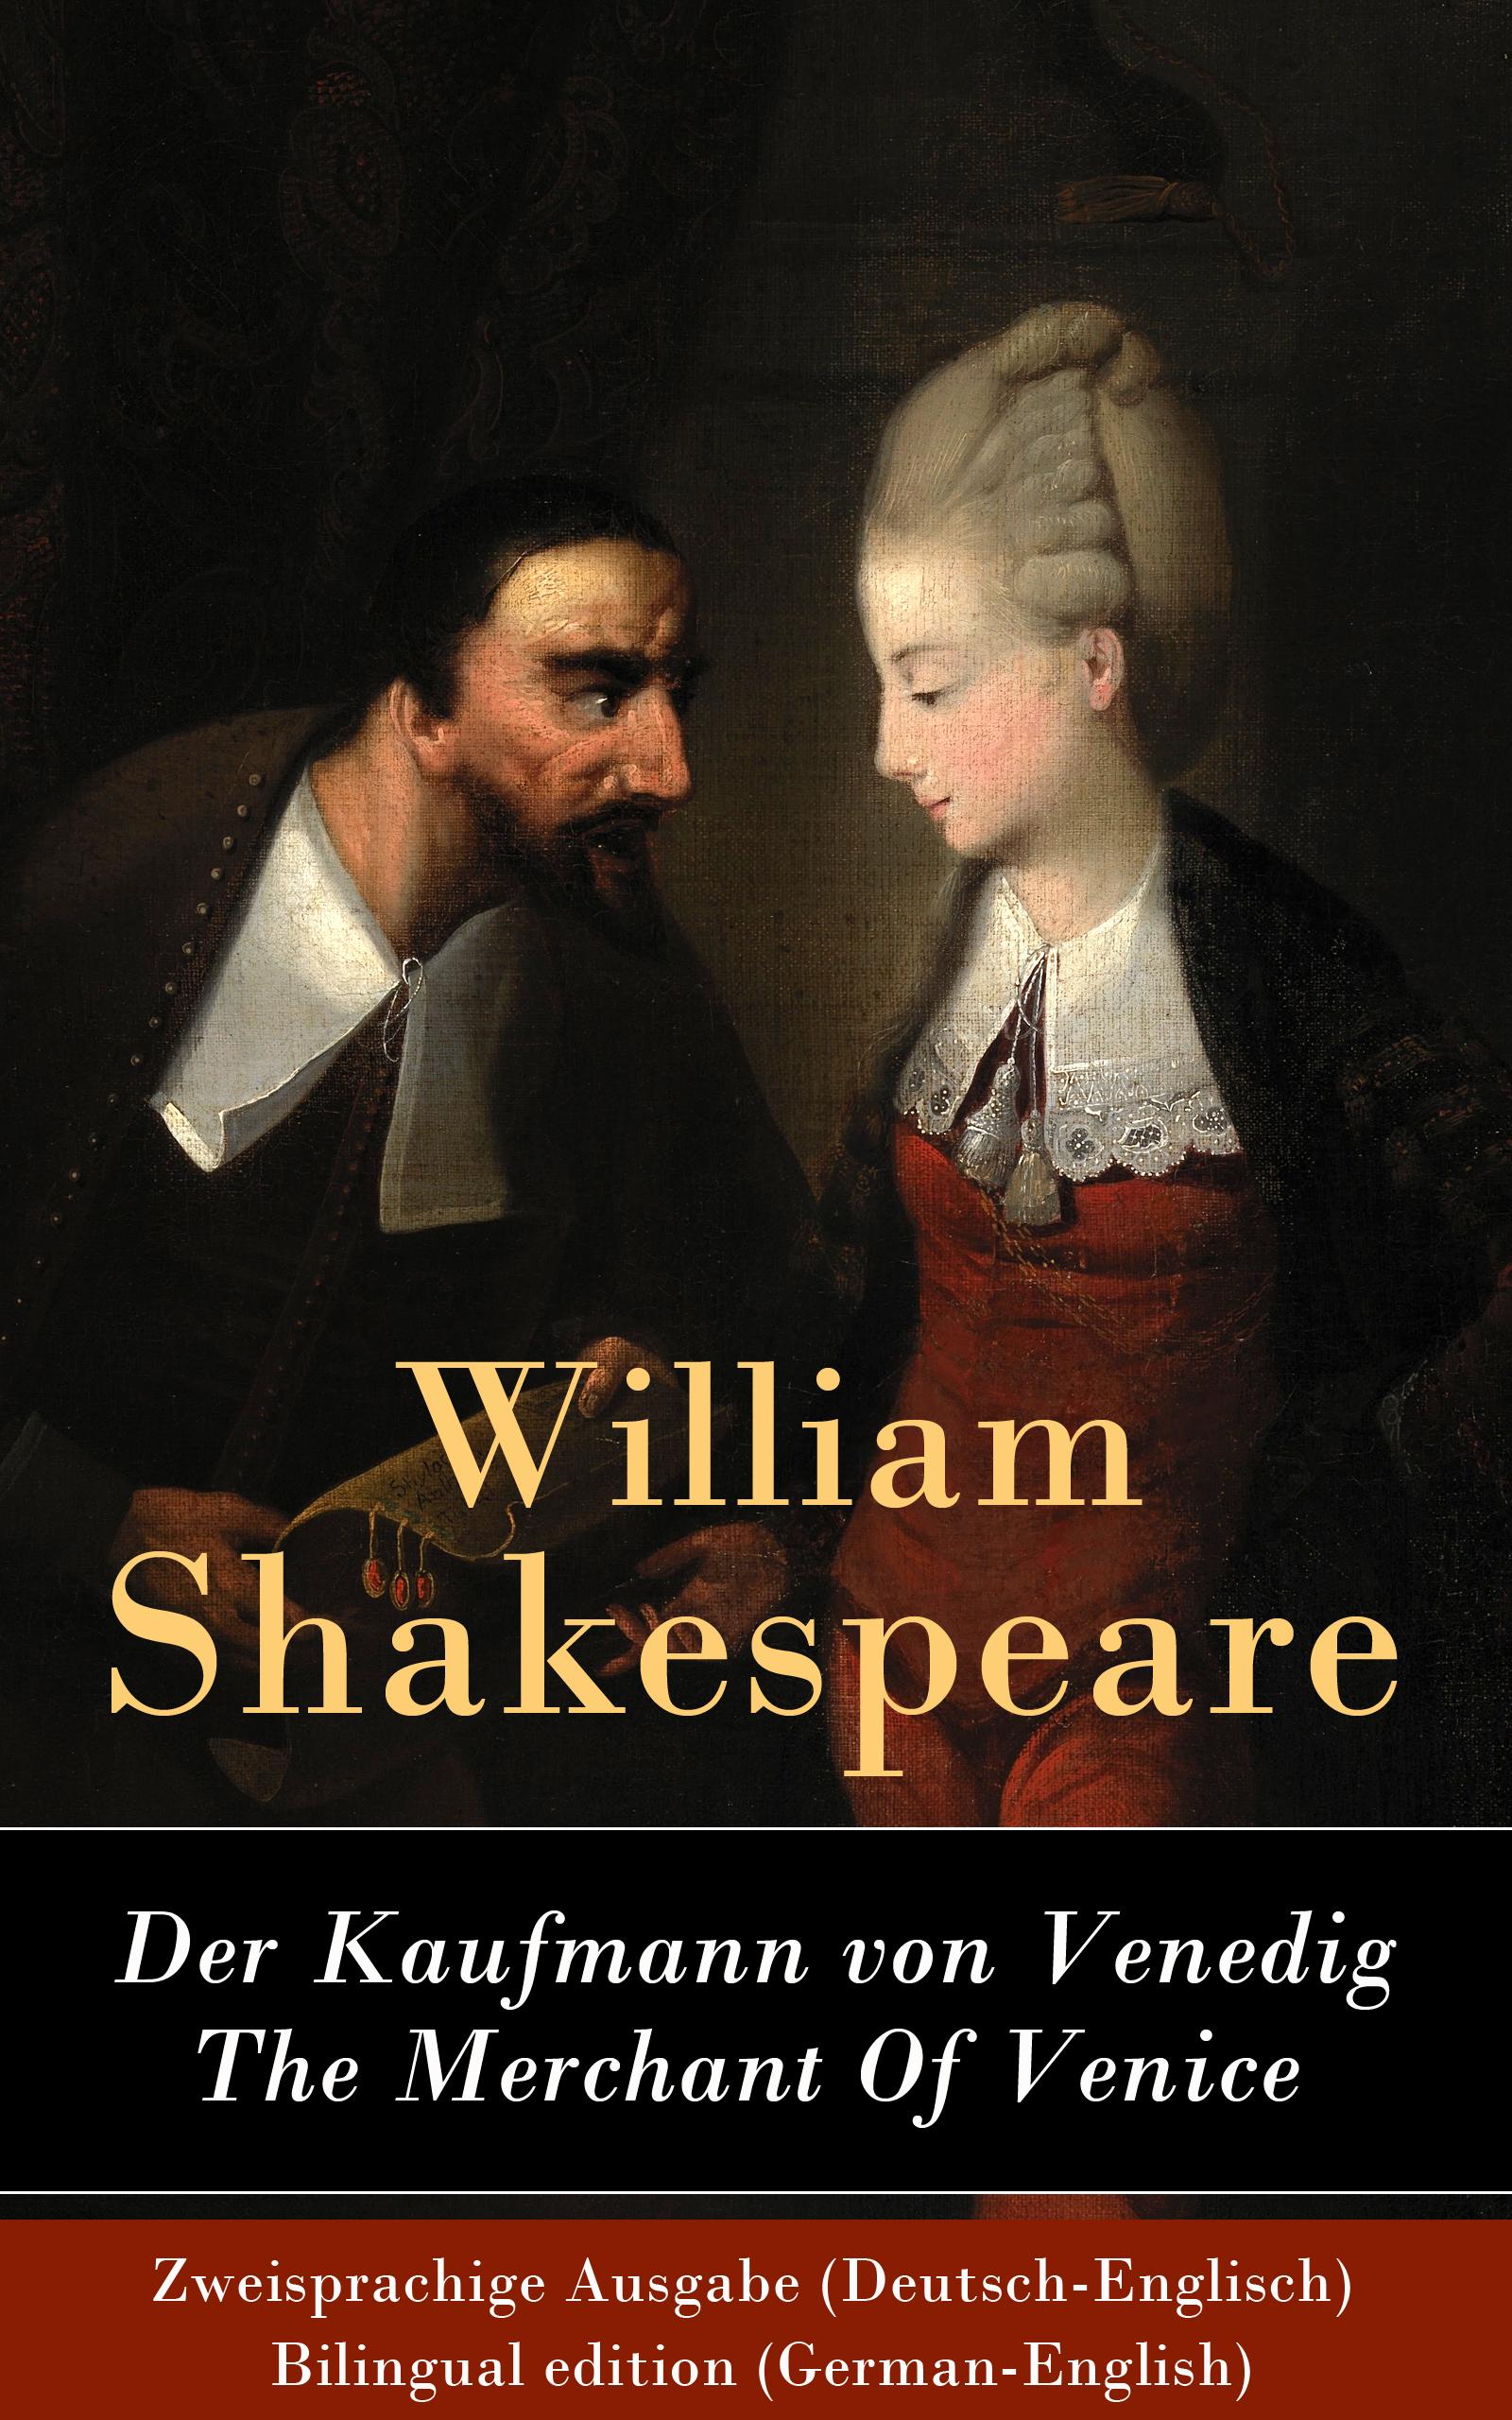 der kaufmann von venedig the merchant of venice zweisprachige ausgabe deutsch englisch bilingual edition german english